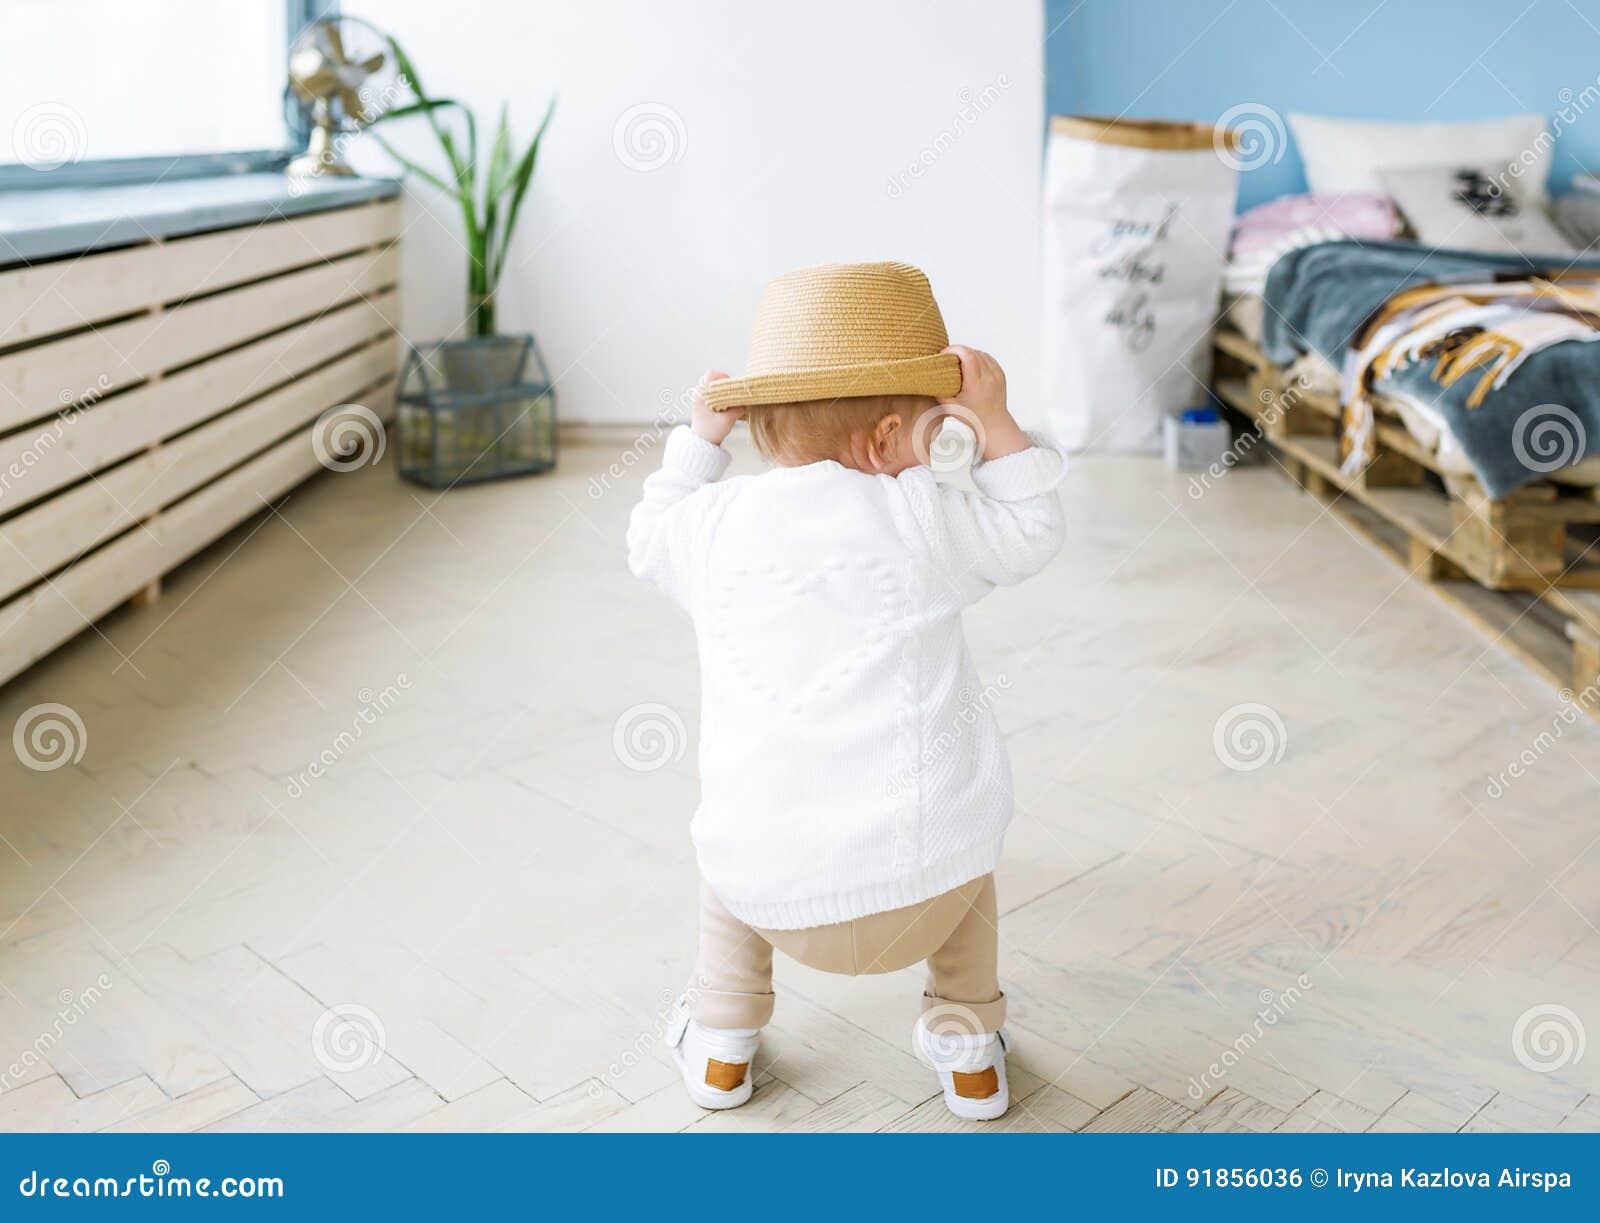 Hintere Ansicht über ein kleines Mädchen in einem Strohhut Das Baby spielt im hellen Raum, zuhause